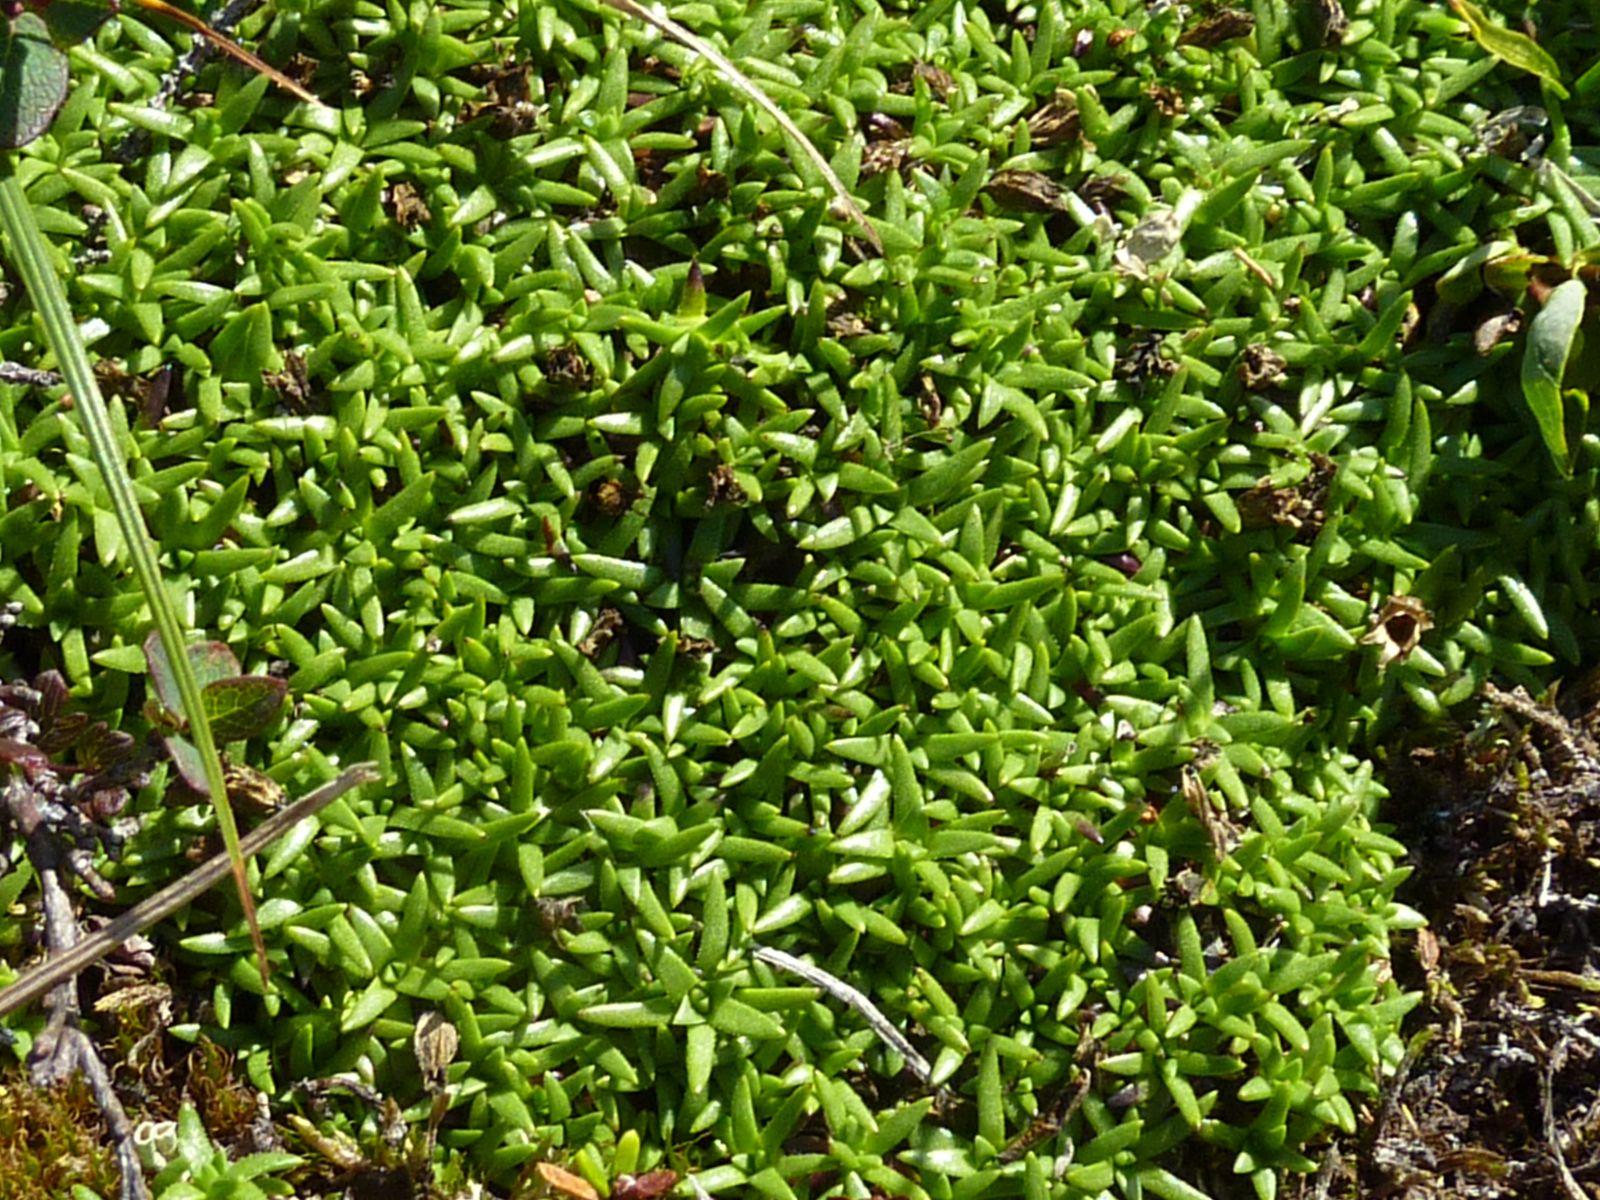 2010-08-13-1304_-_Vegetation_2